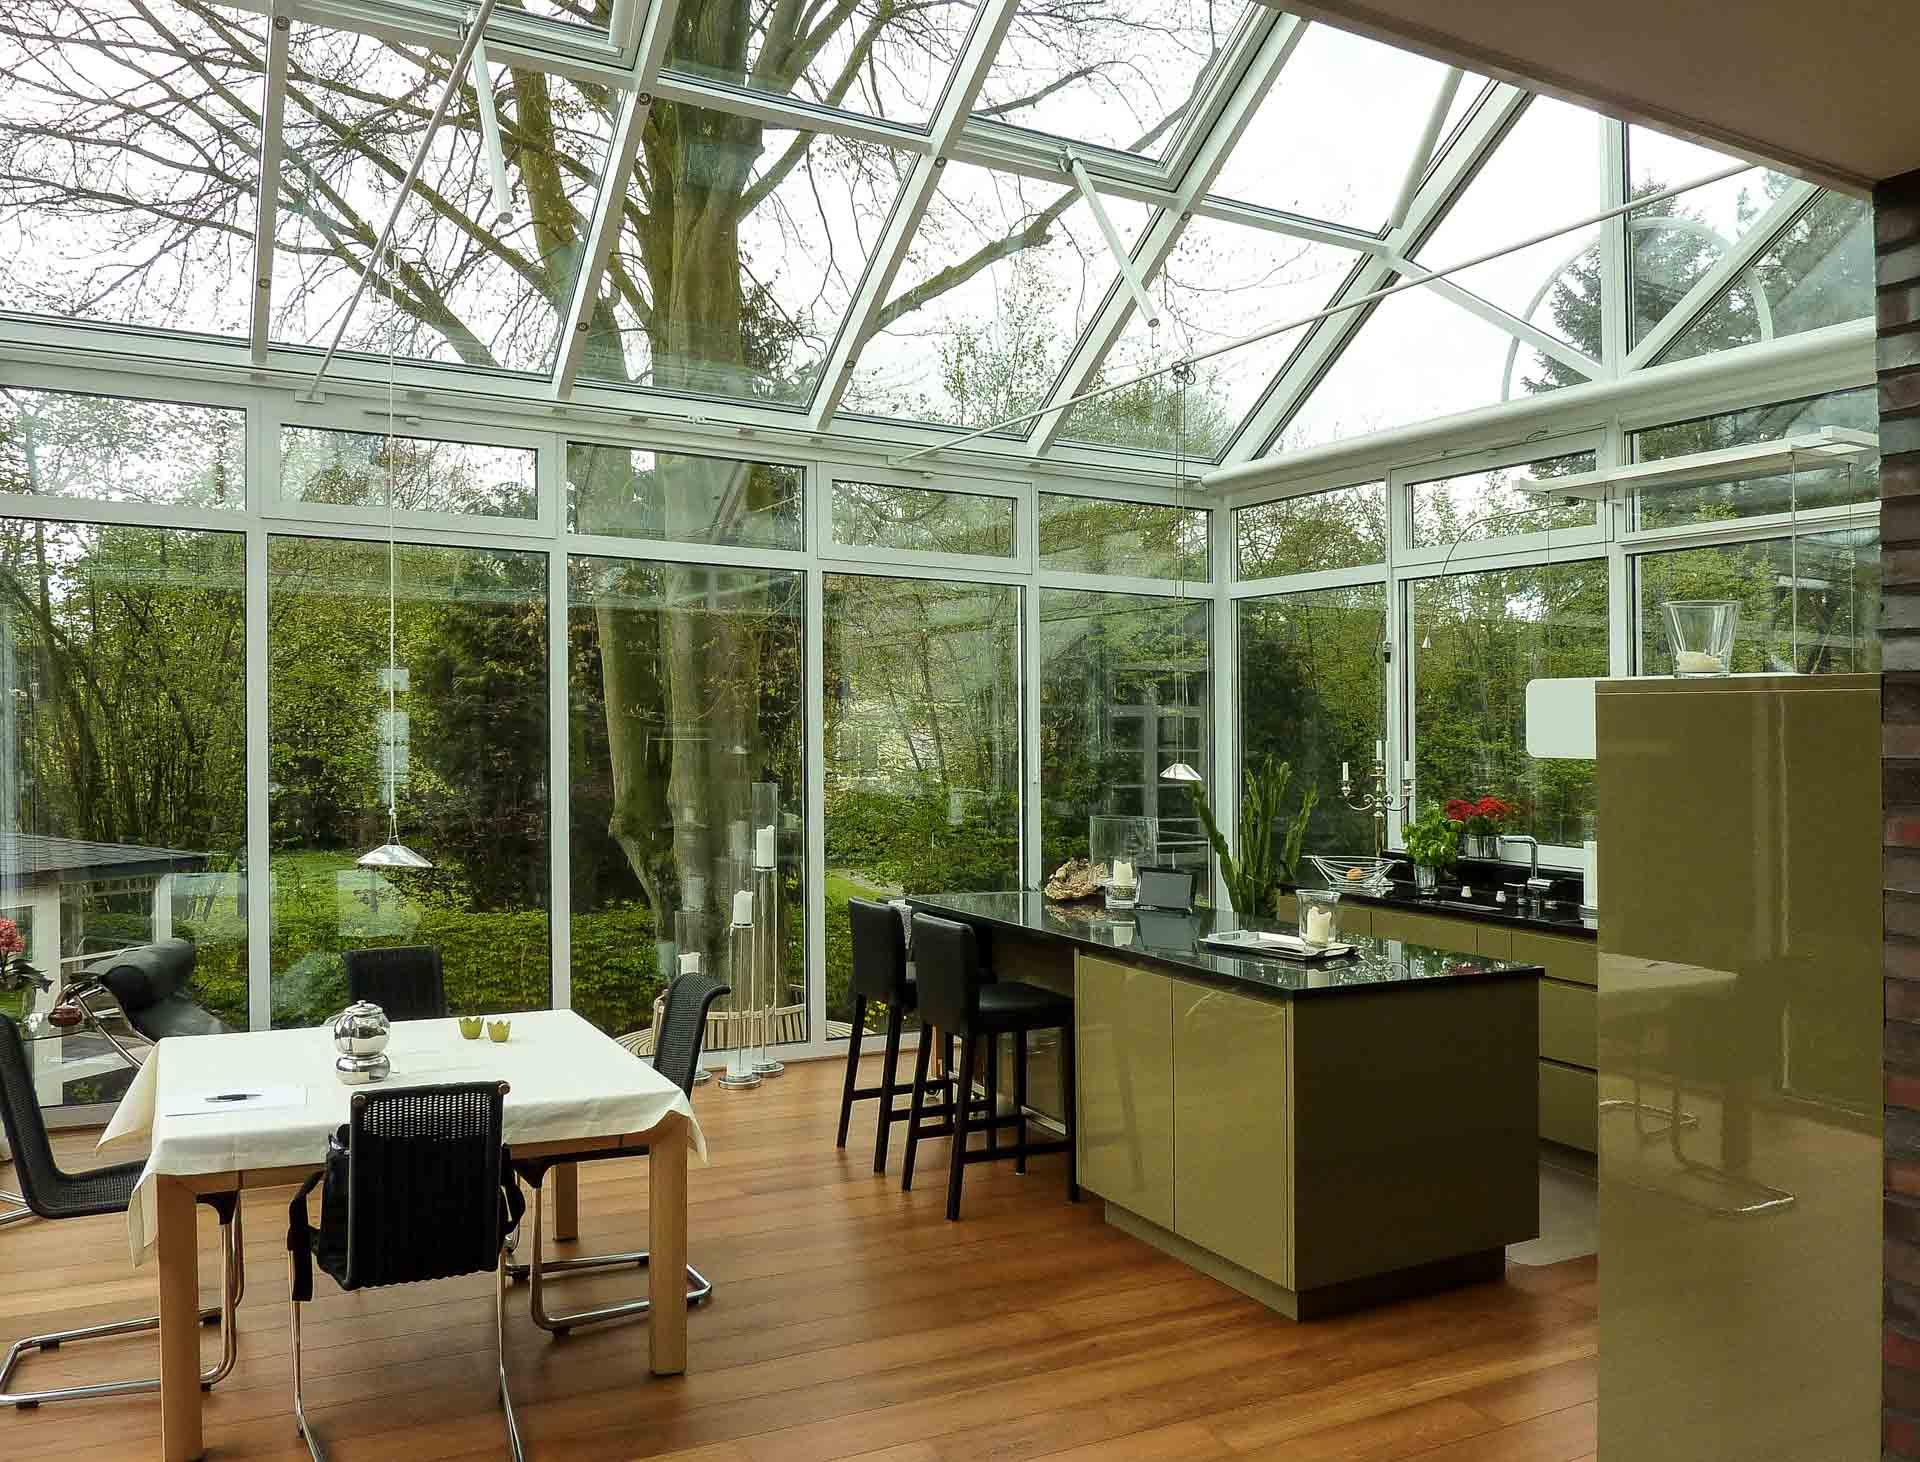 SunArt Wintergarten in Coesfeld (Objekt 1104). Wohnwintergarten mit integrierter Küche - Sonnenschutzglas und Dachlüftungsfenster dienen der sommerlichen Klimaregulierung